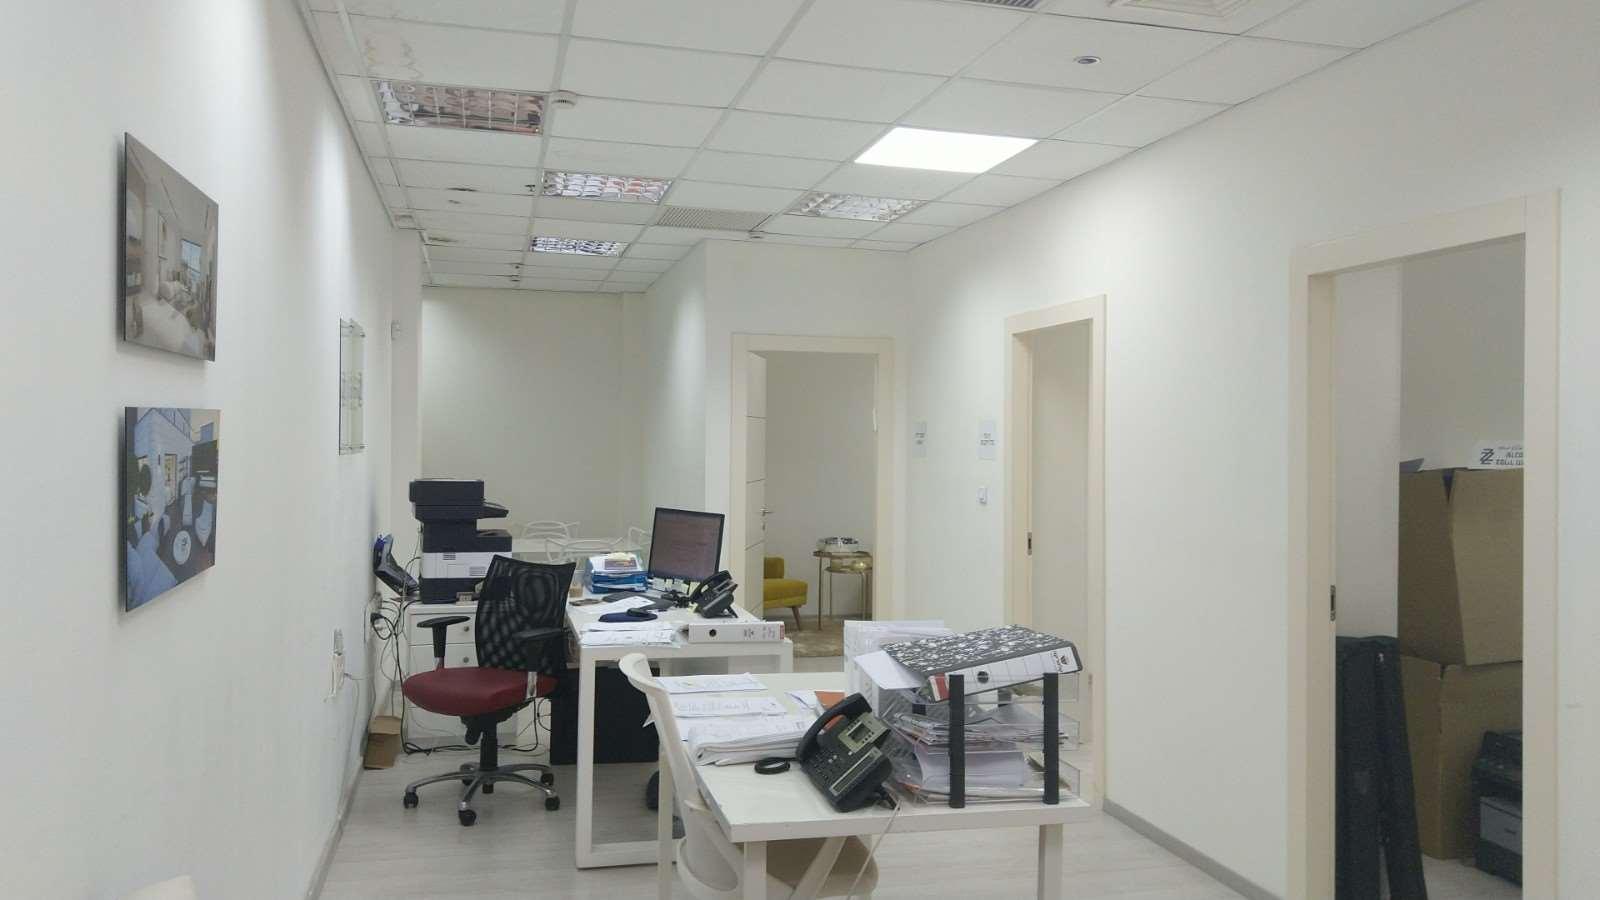 משרדים השכרה בתל אביב יפו להשכרה משרד 134 מר רחוב הברזל רמת החייל / עתידים